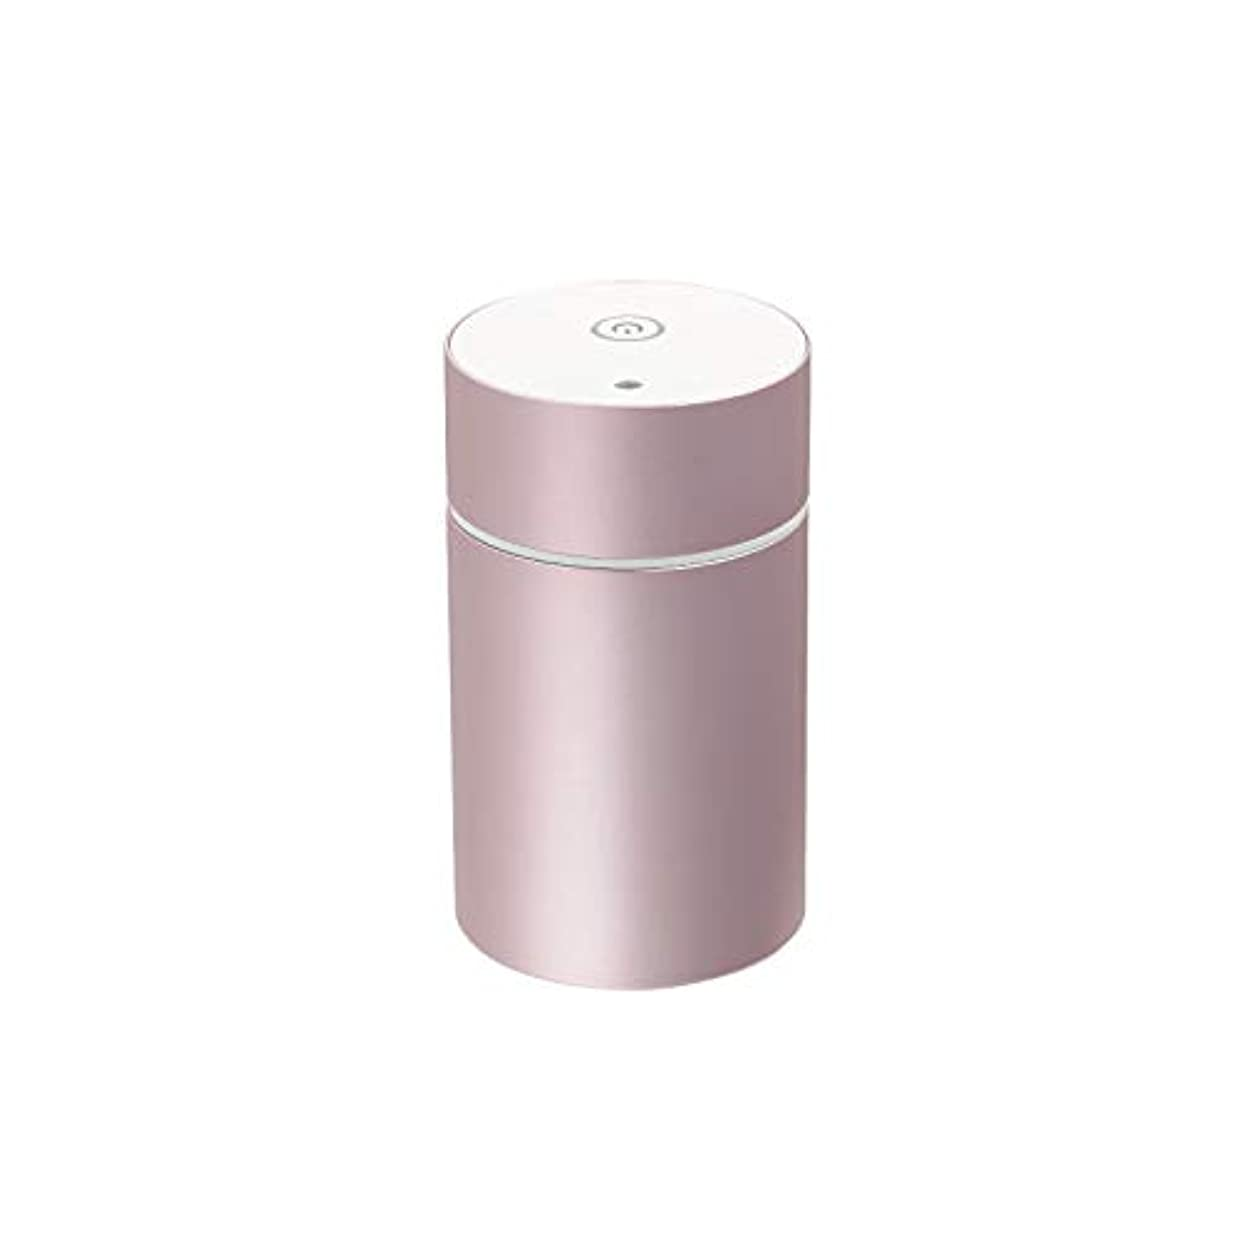 受動的ポーク海峡生活の木 アロマディフューザー(ピンク)aromore mini(アロモアミニ) 08-801-7020